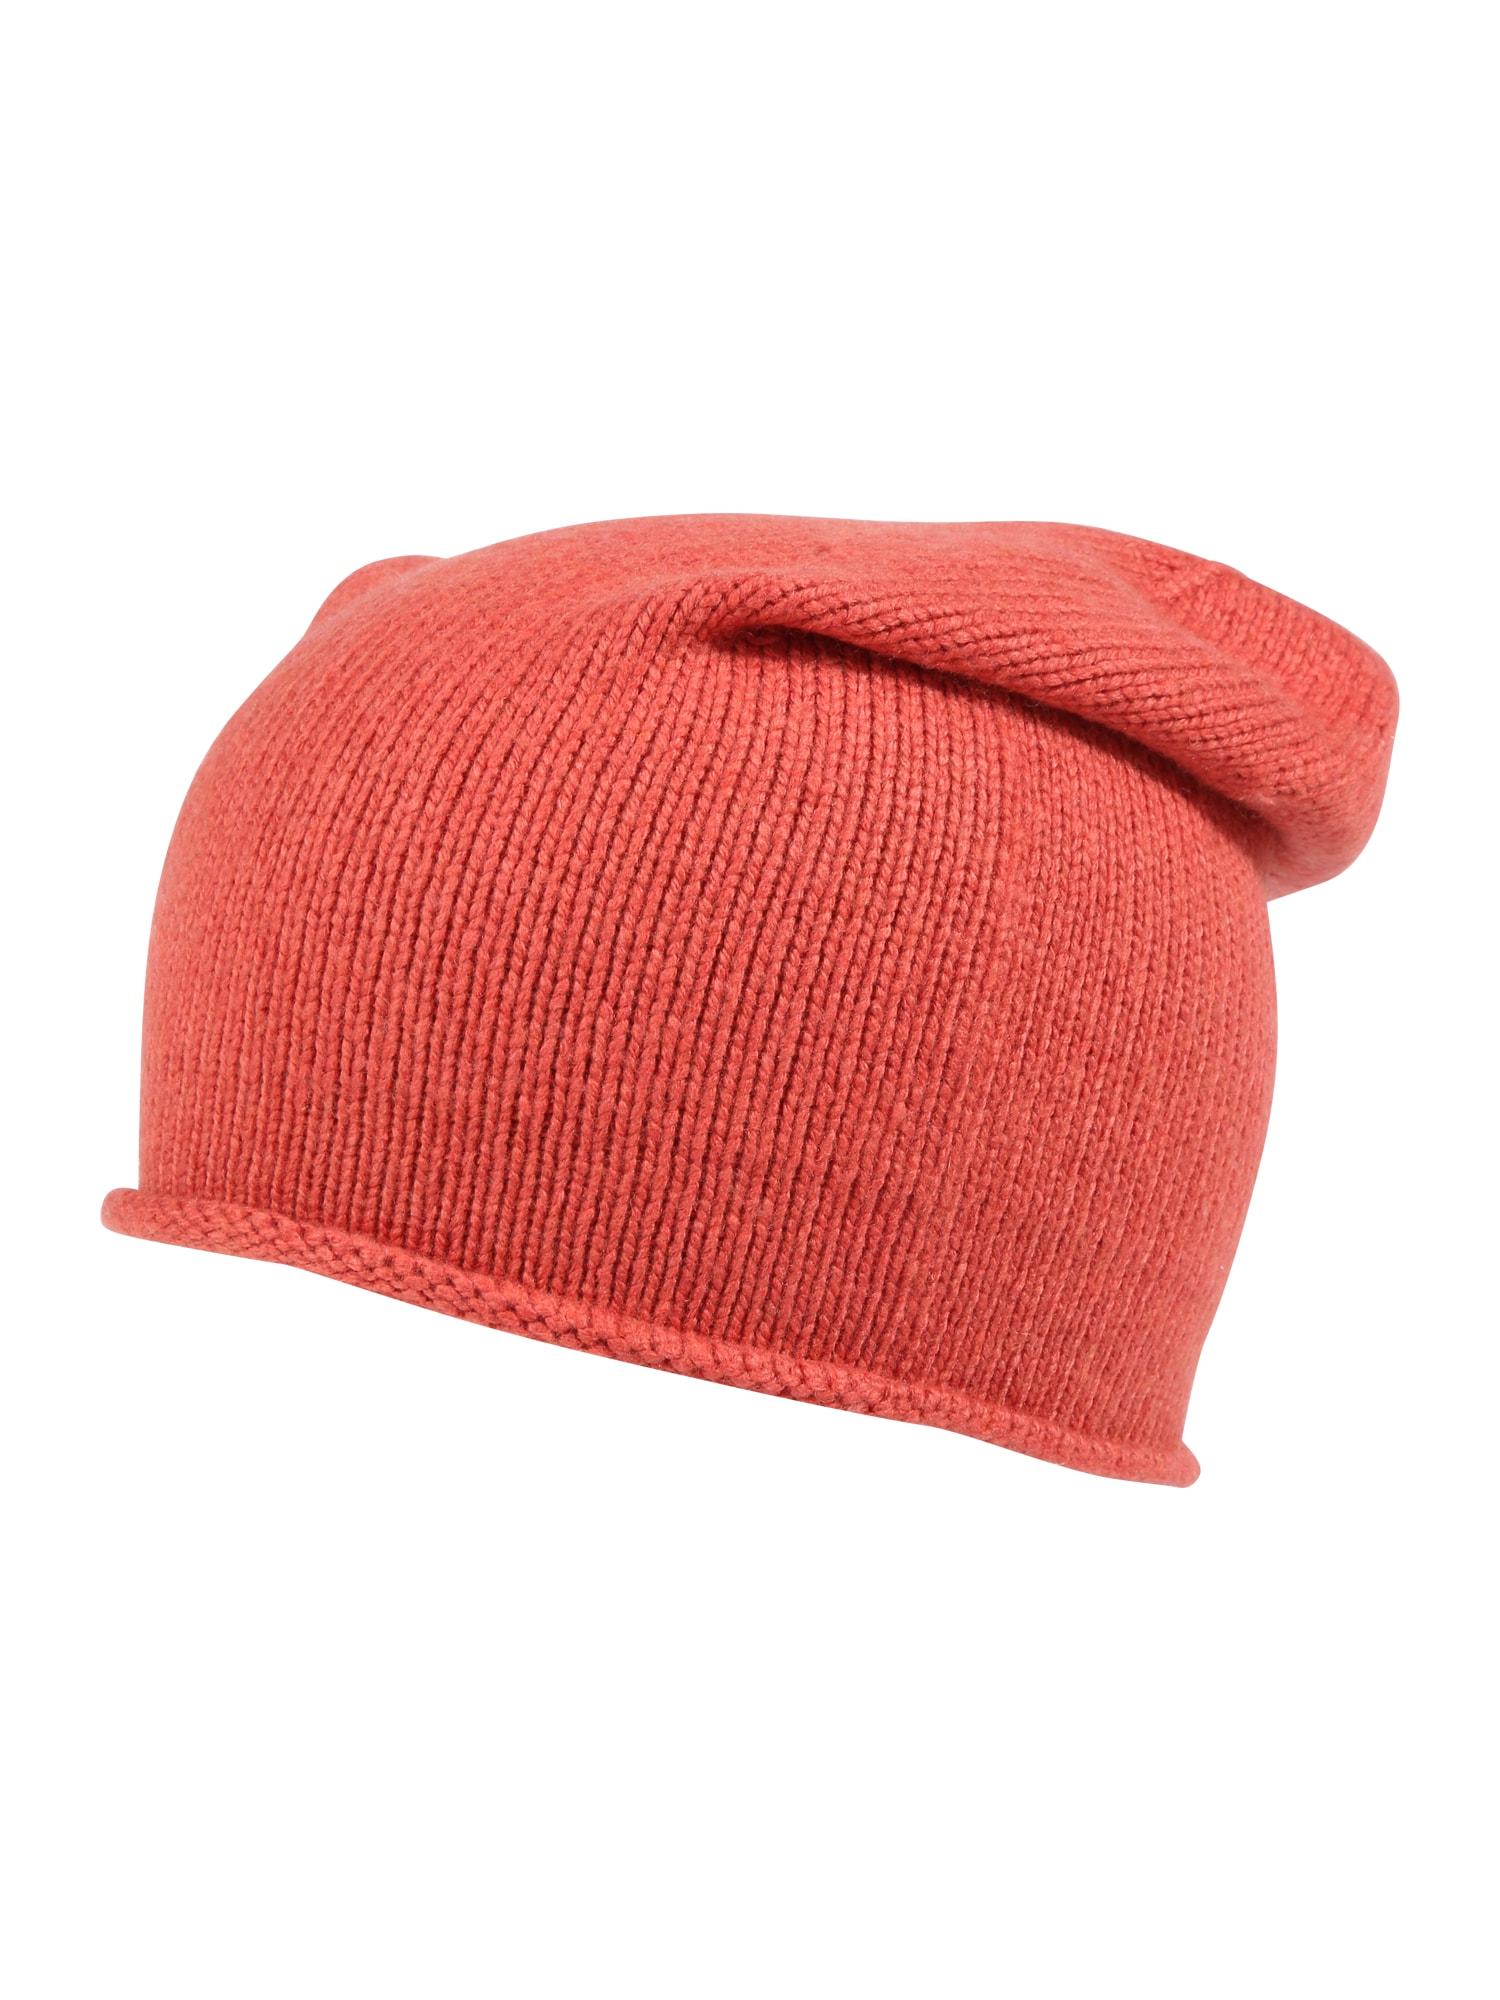 Čepice Pcrose světle červená PIECES